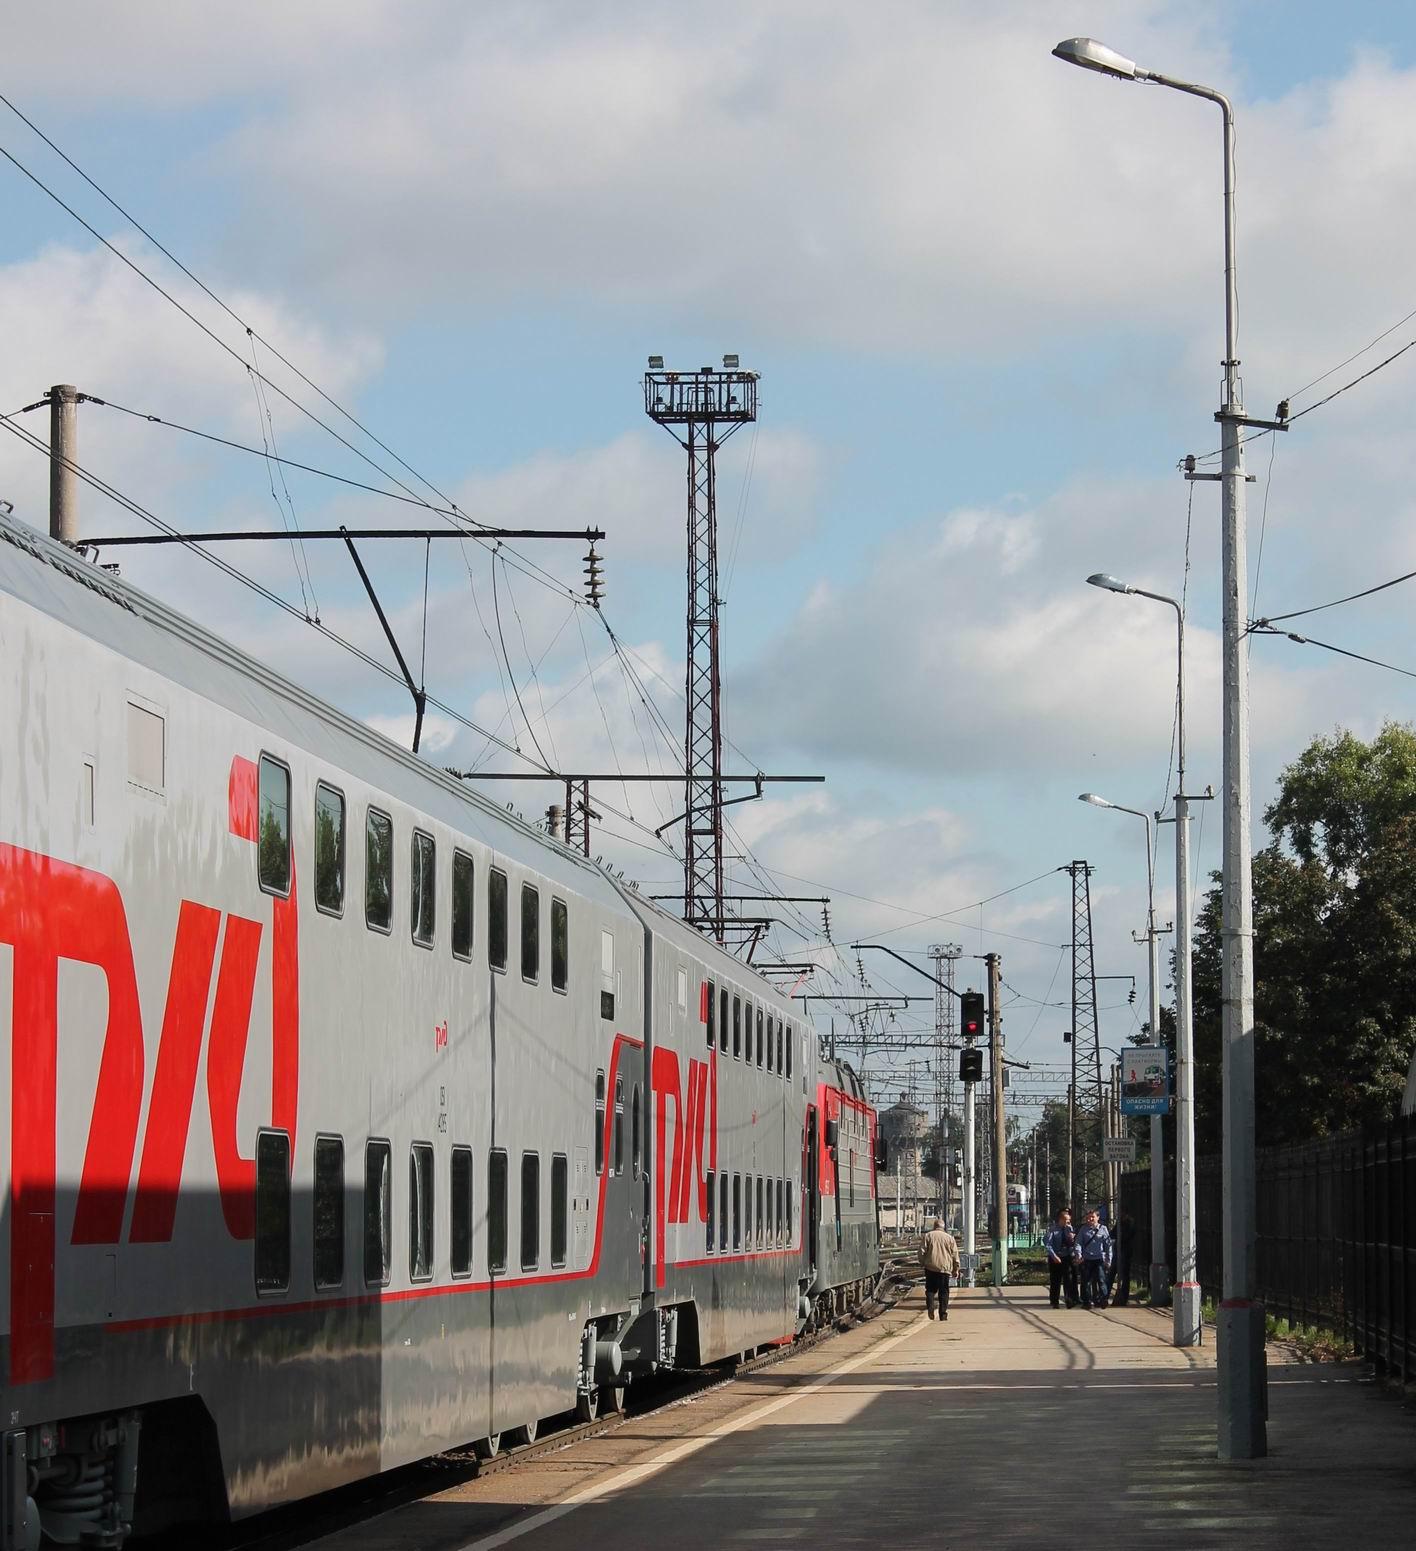 Двухэтажный поезд до адлера фото